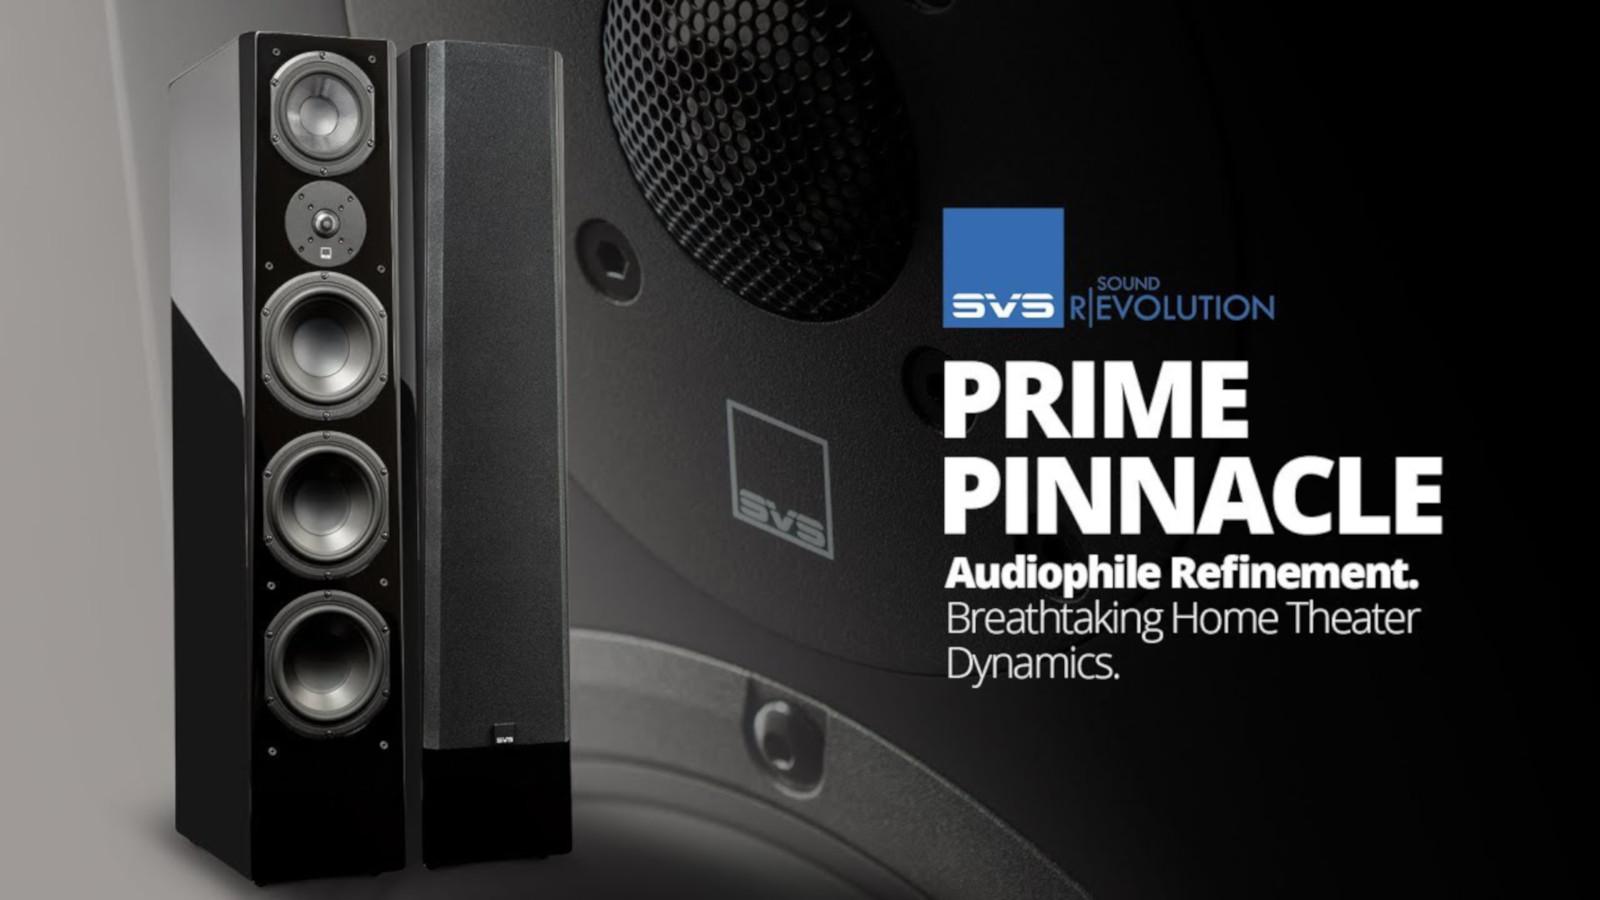 svs-prime-pinnacle-speakers